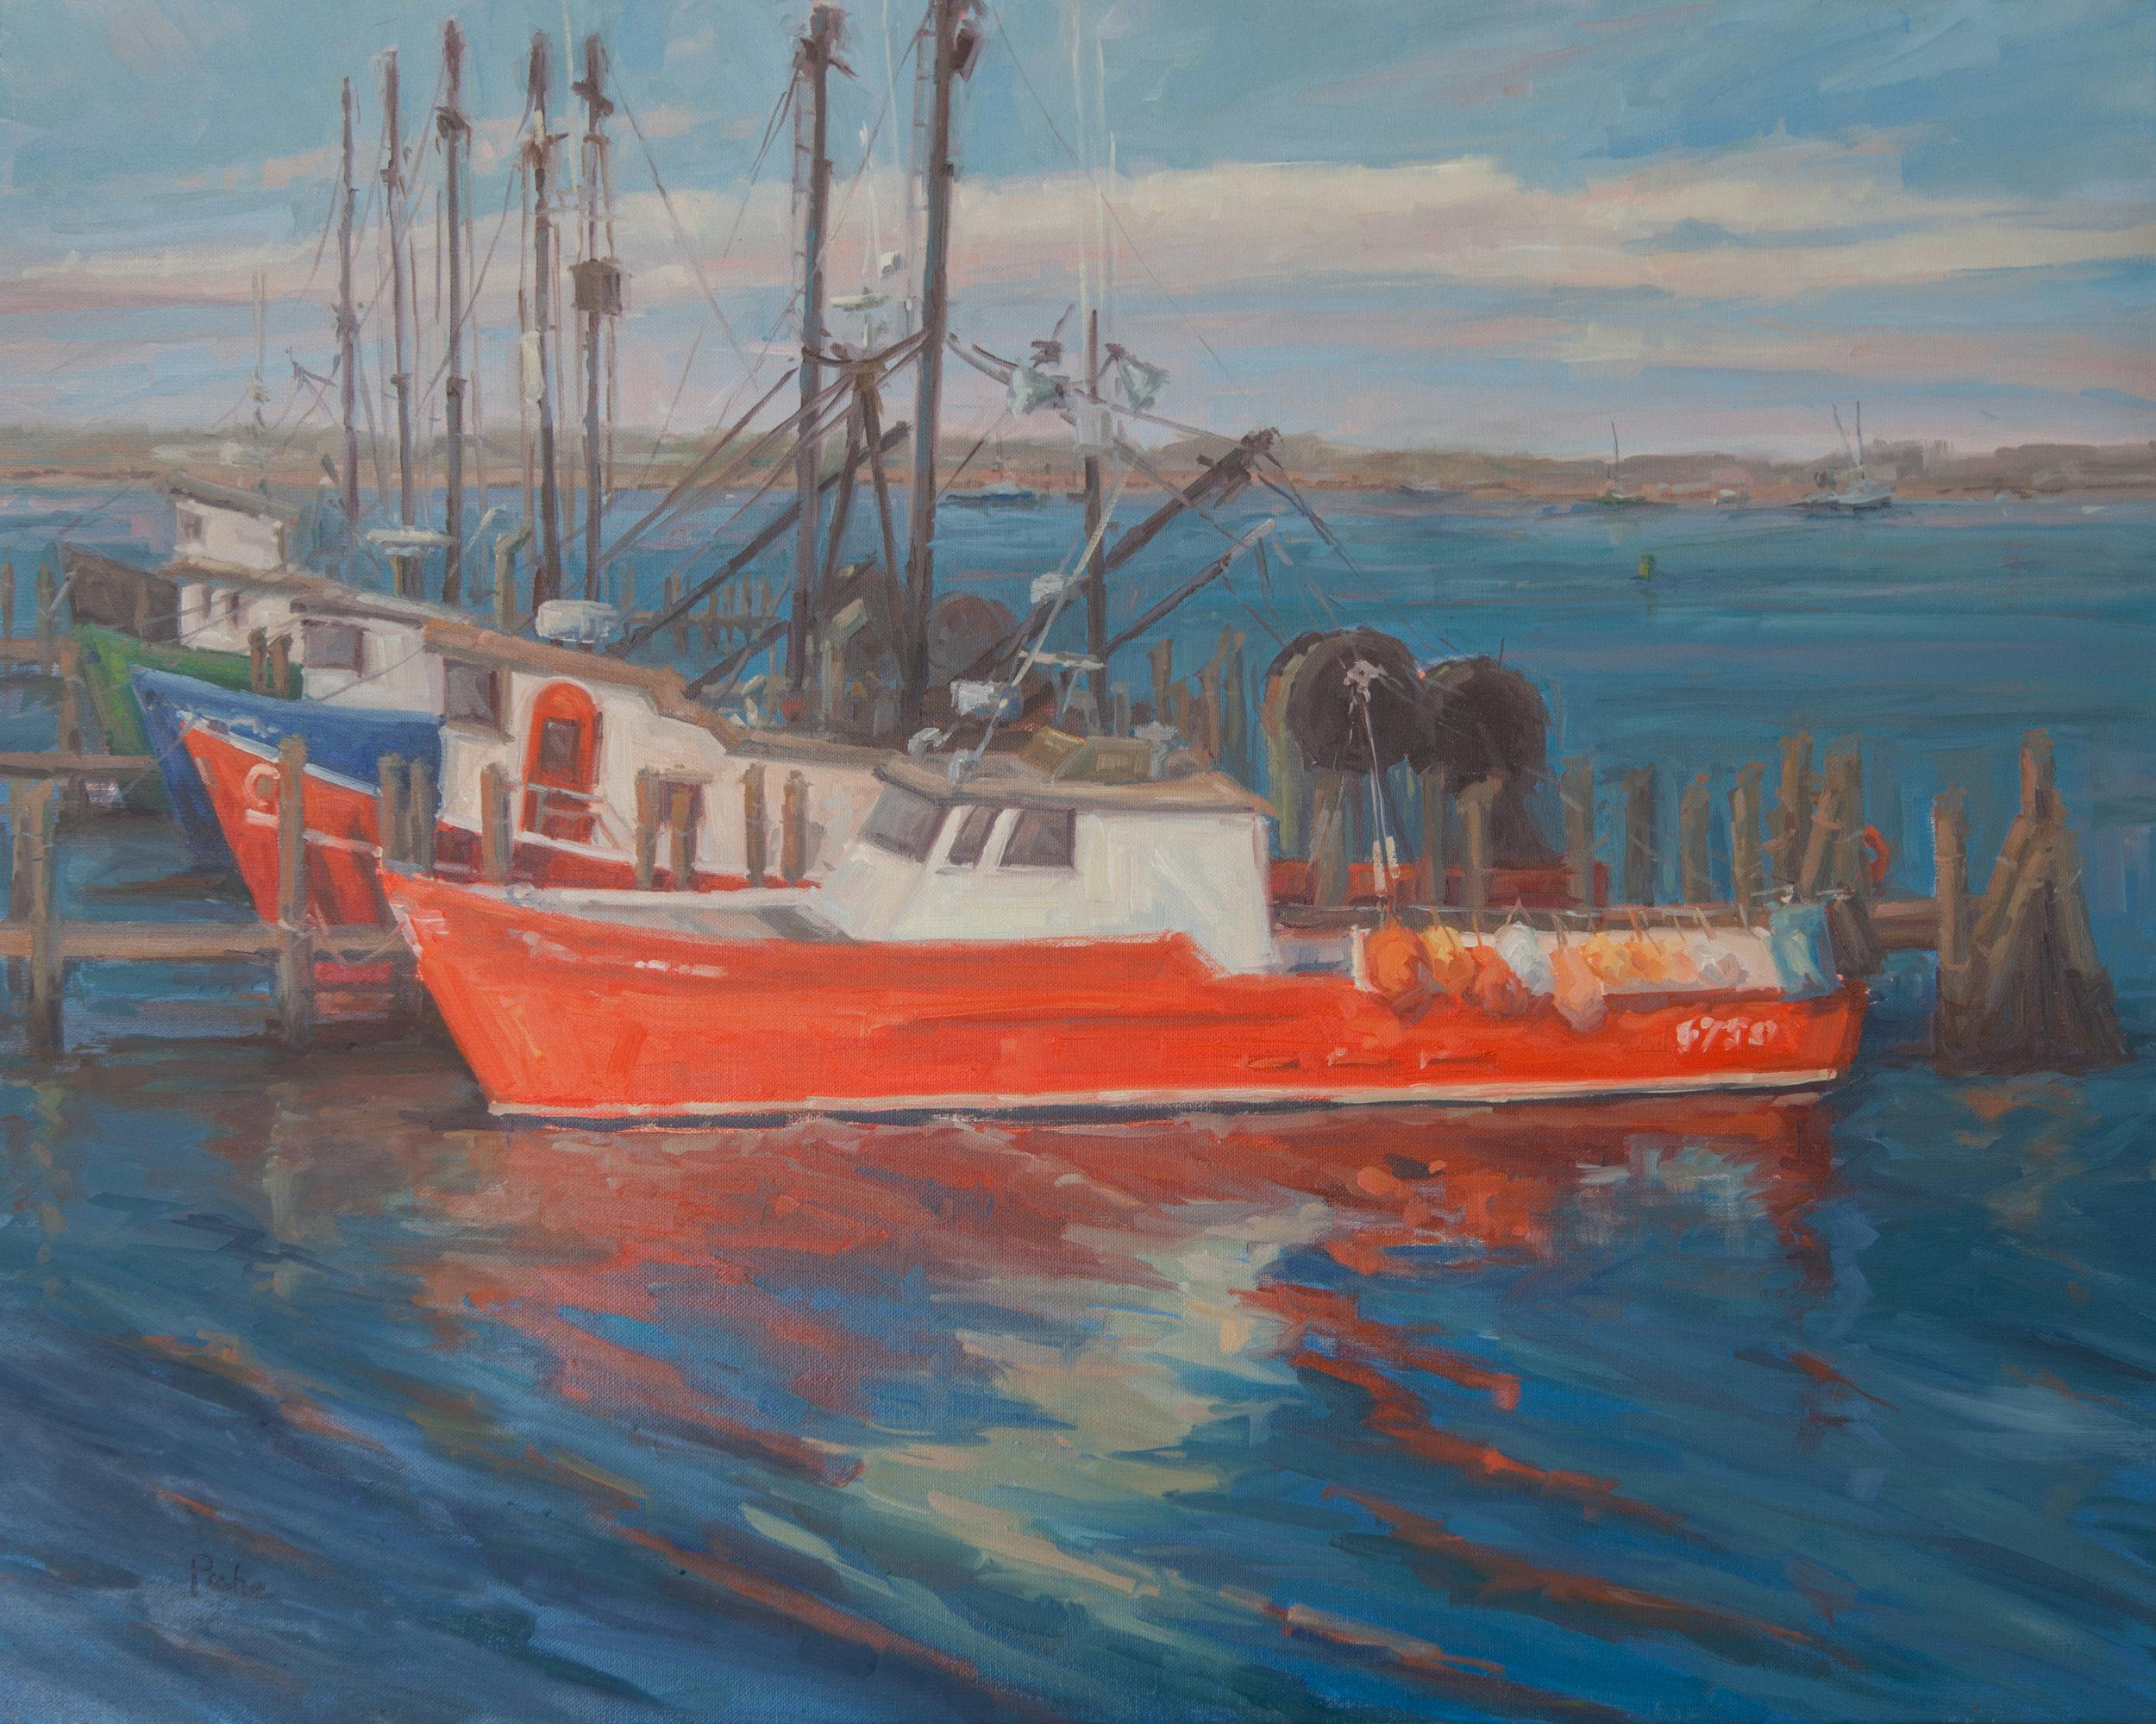 Red Lobsta